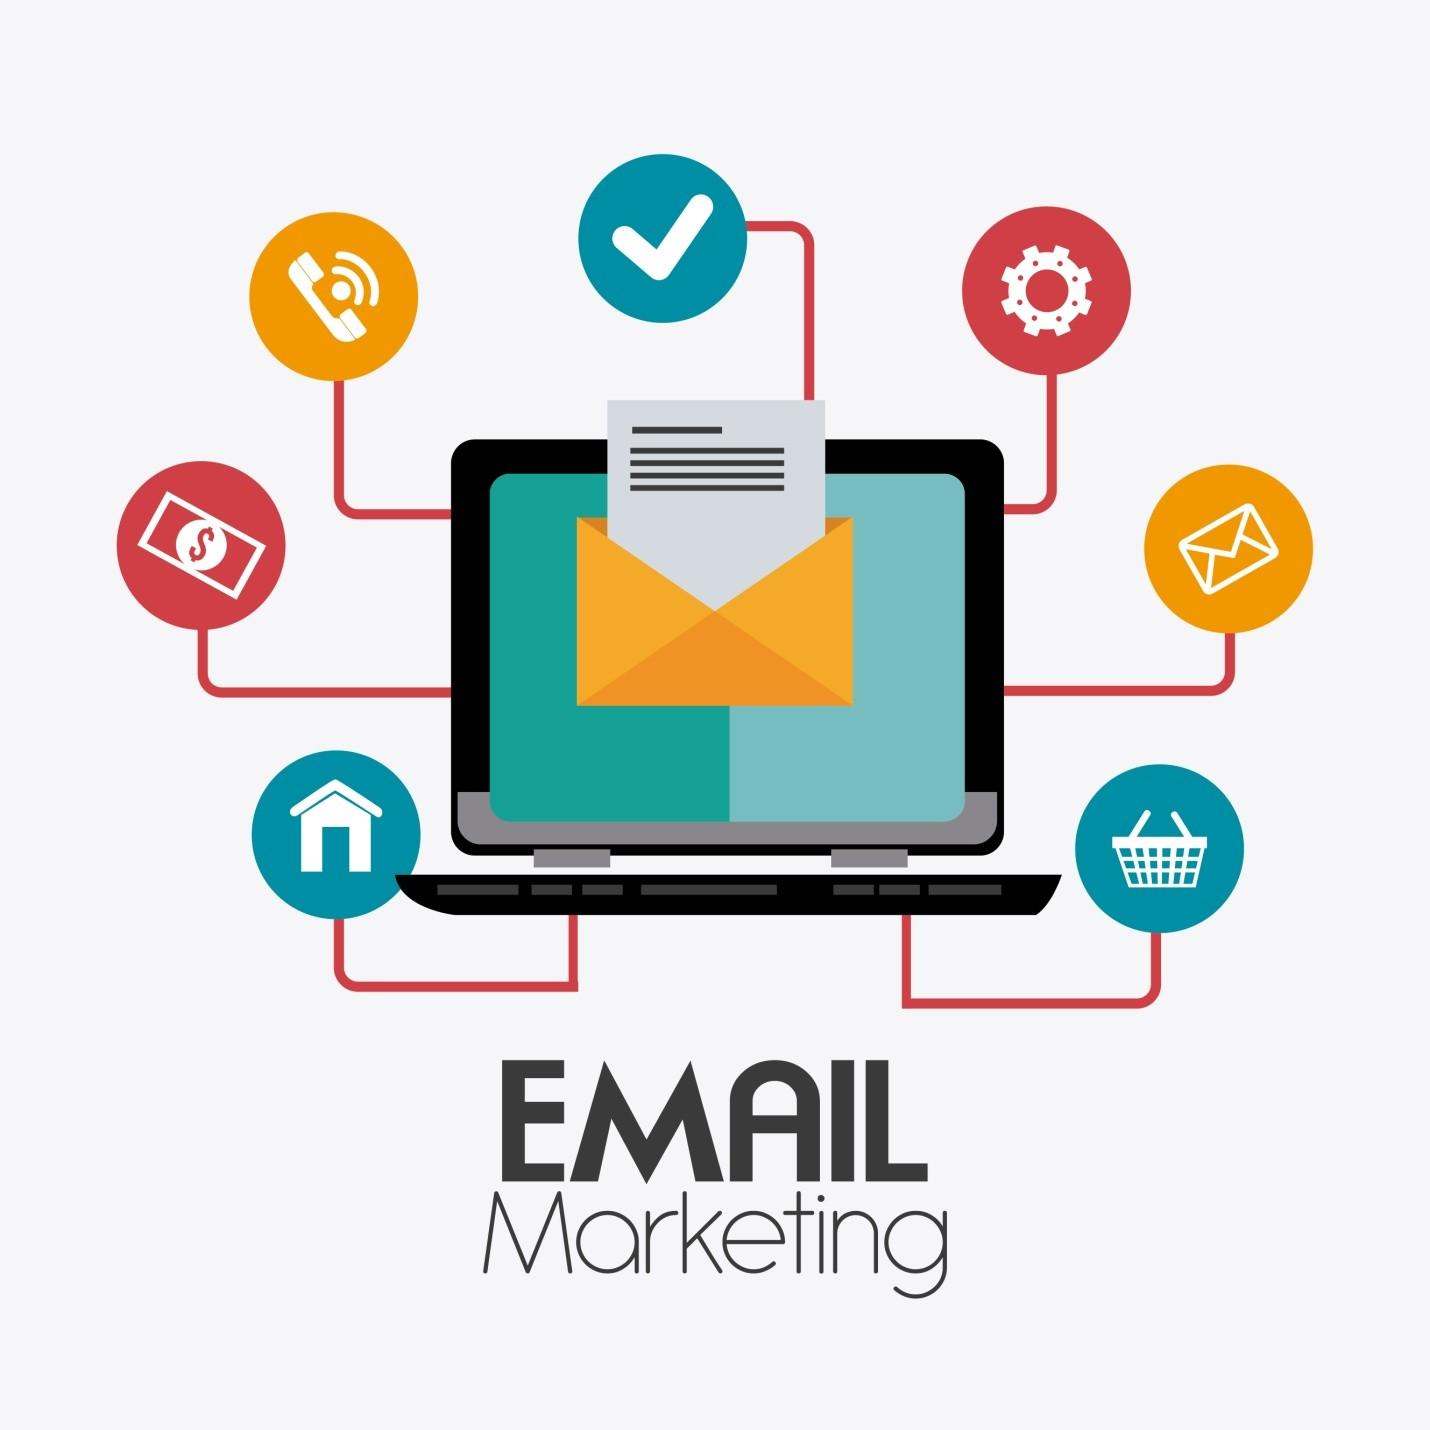 Cách làm email marketing cho người mới bắt đầu - Phần Mềm Marketing - SMS Marketing - Email Marketing